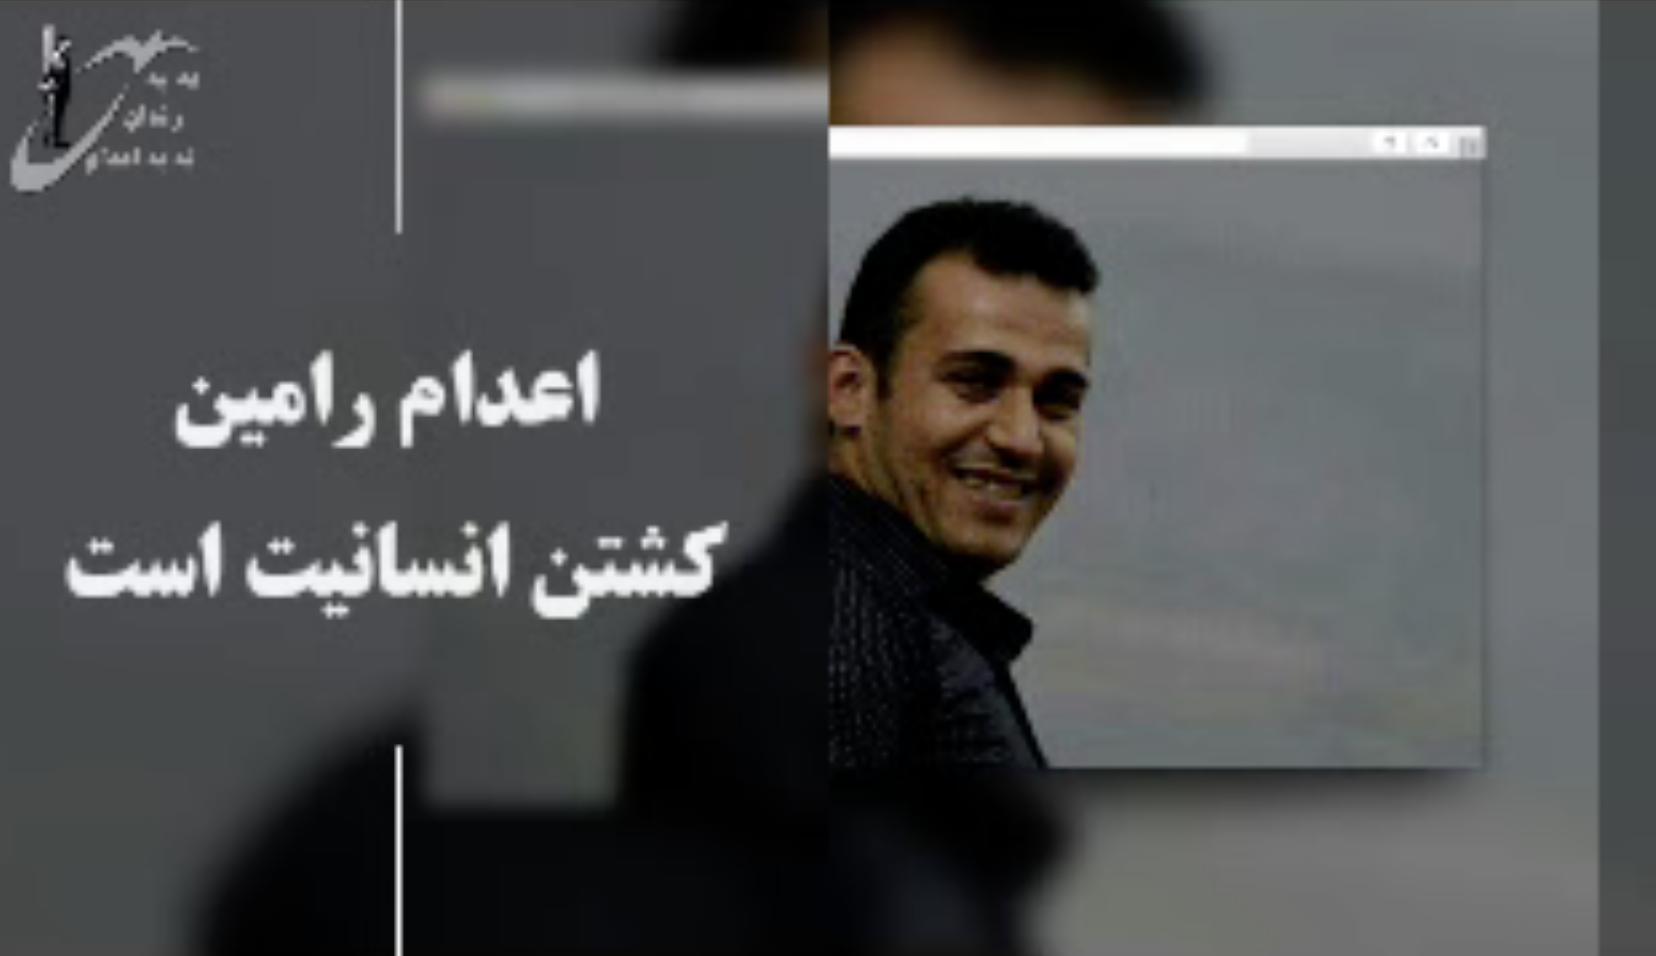 اعدام رامین، کشتن انسانیت است! همه تن فریاد شویم و نگذاریم رامین حسین پناهی را اعدام کنند